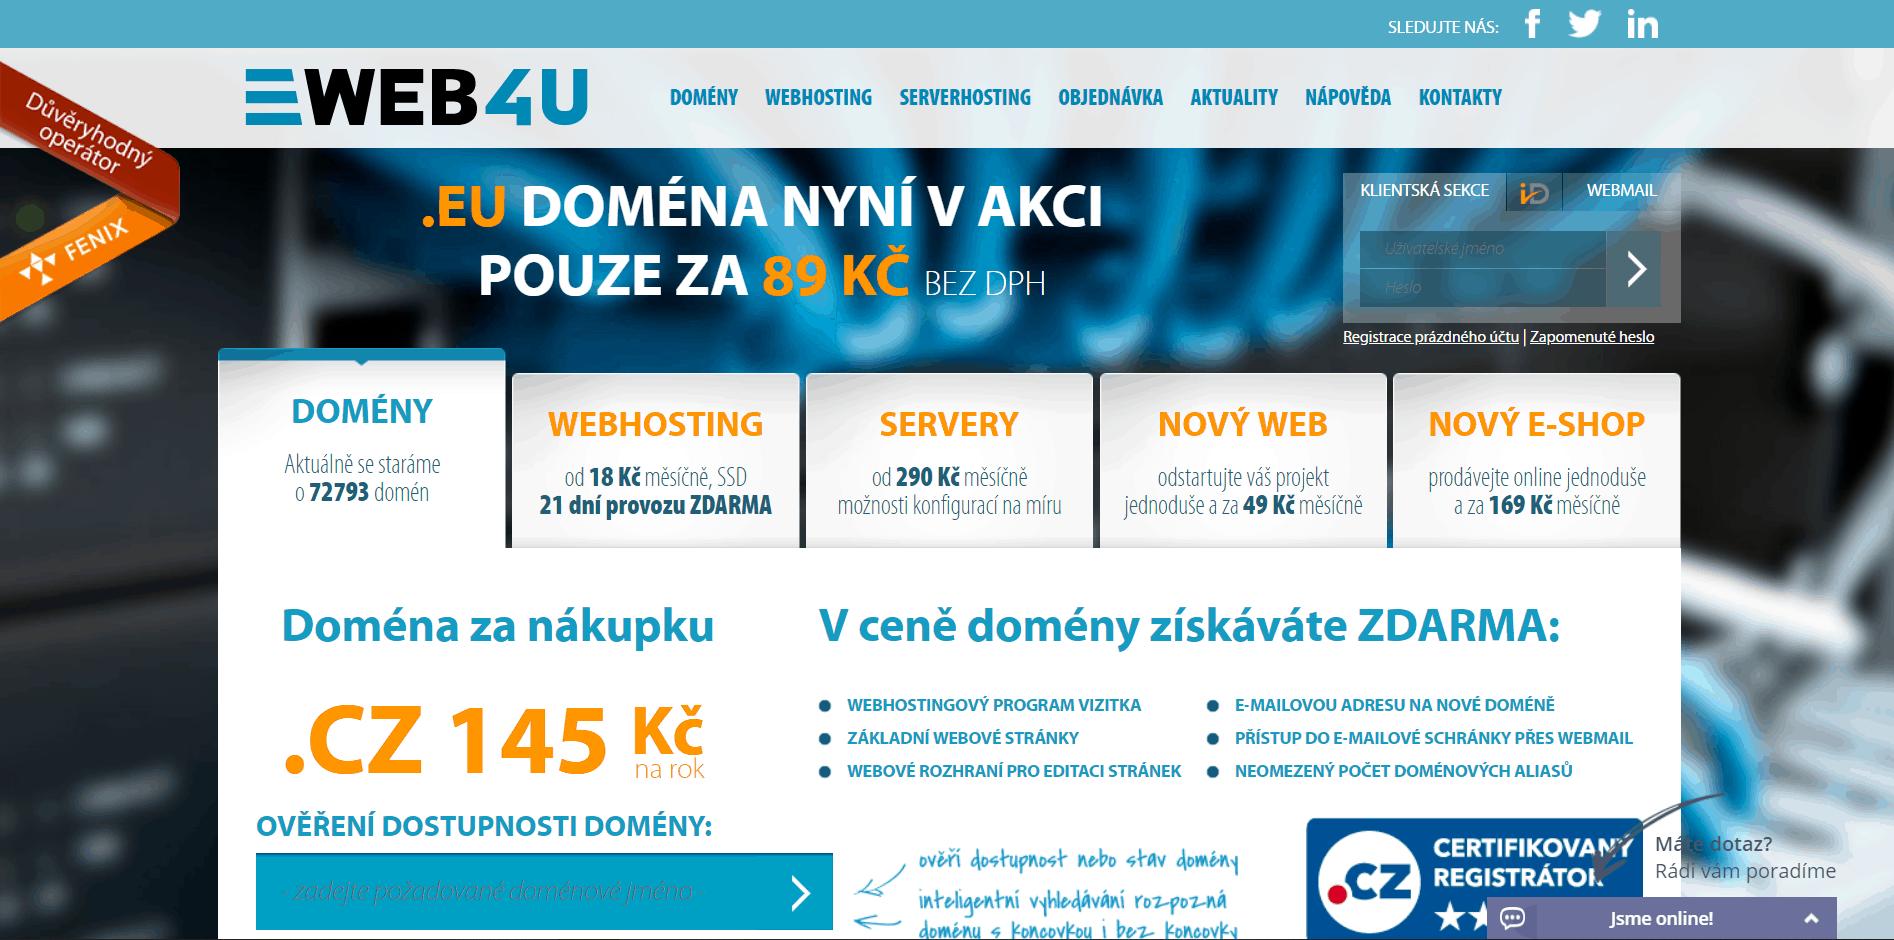 web4u-mine